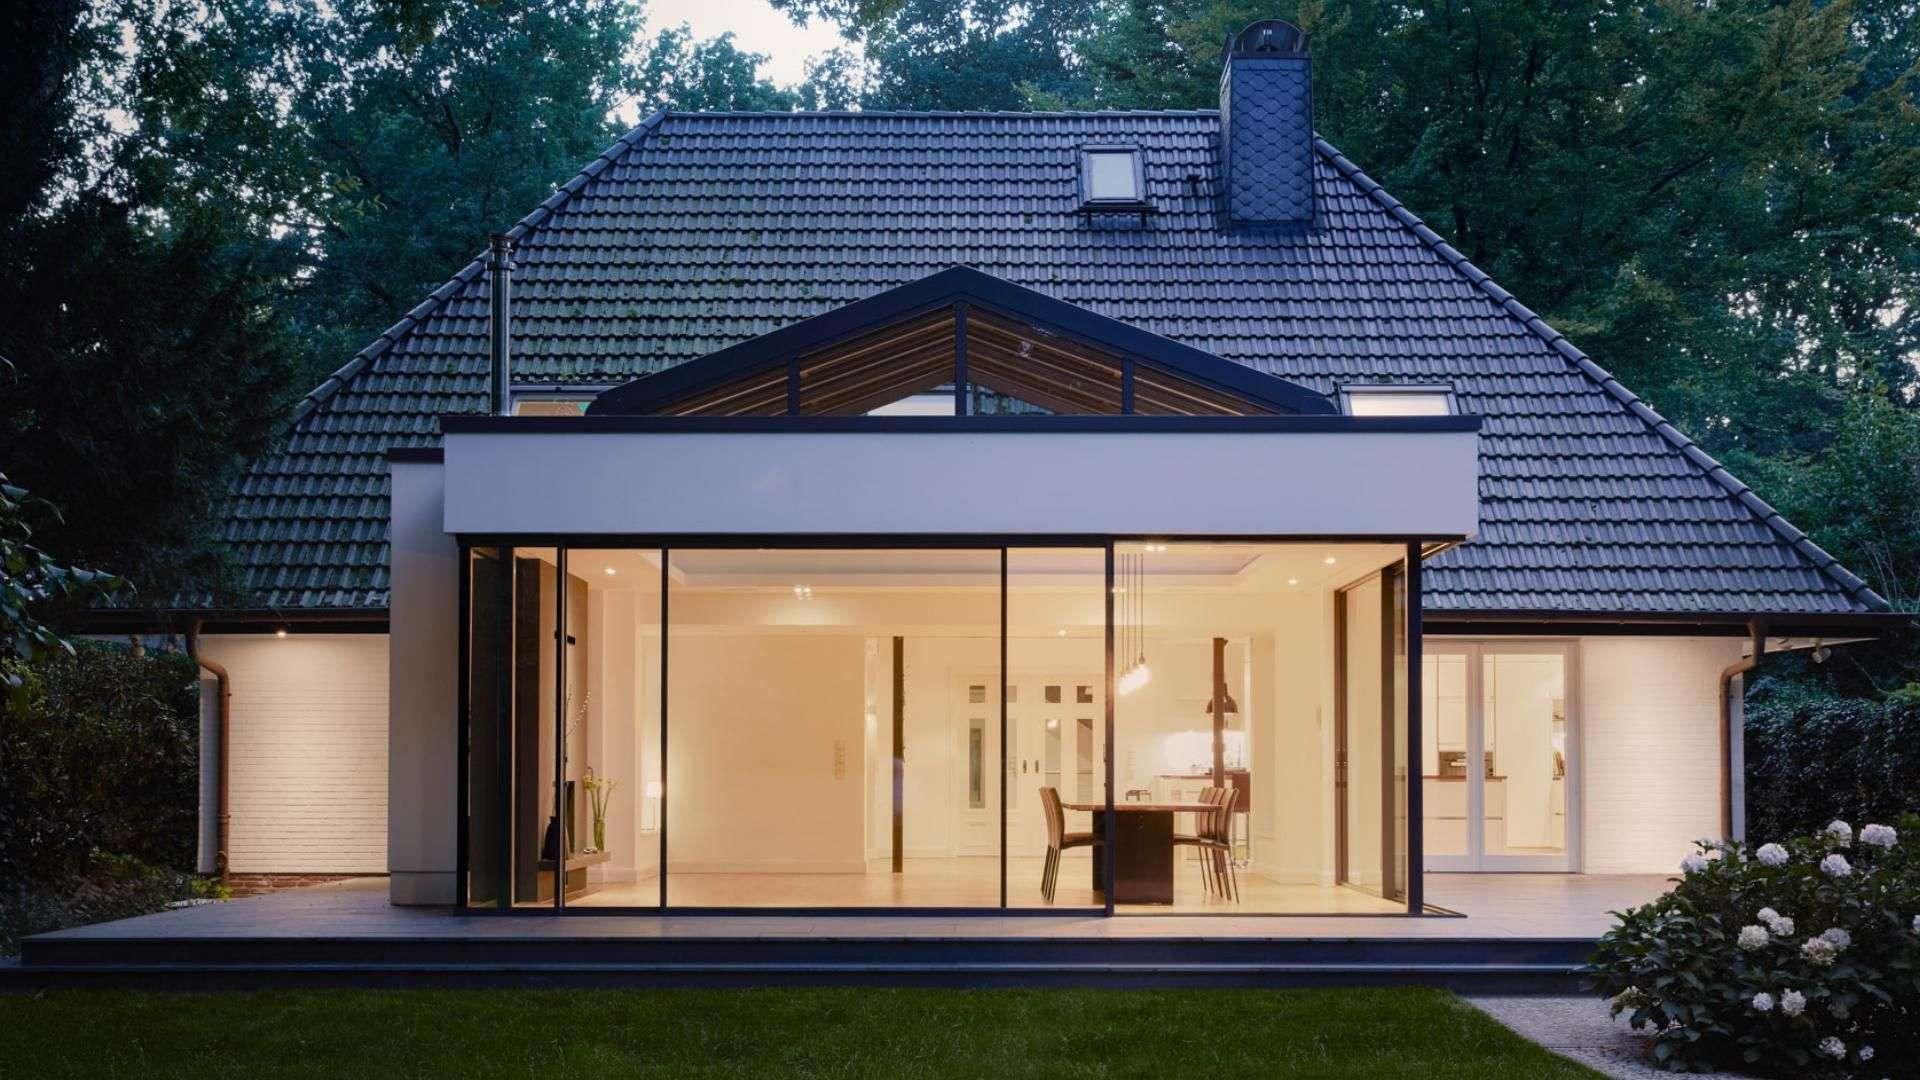 Flachdach mit Schiebeverglasung auf einer Terrasse